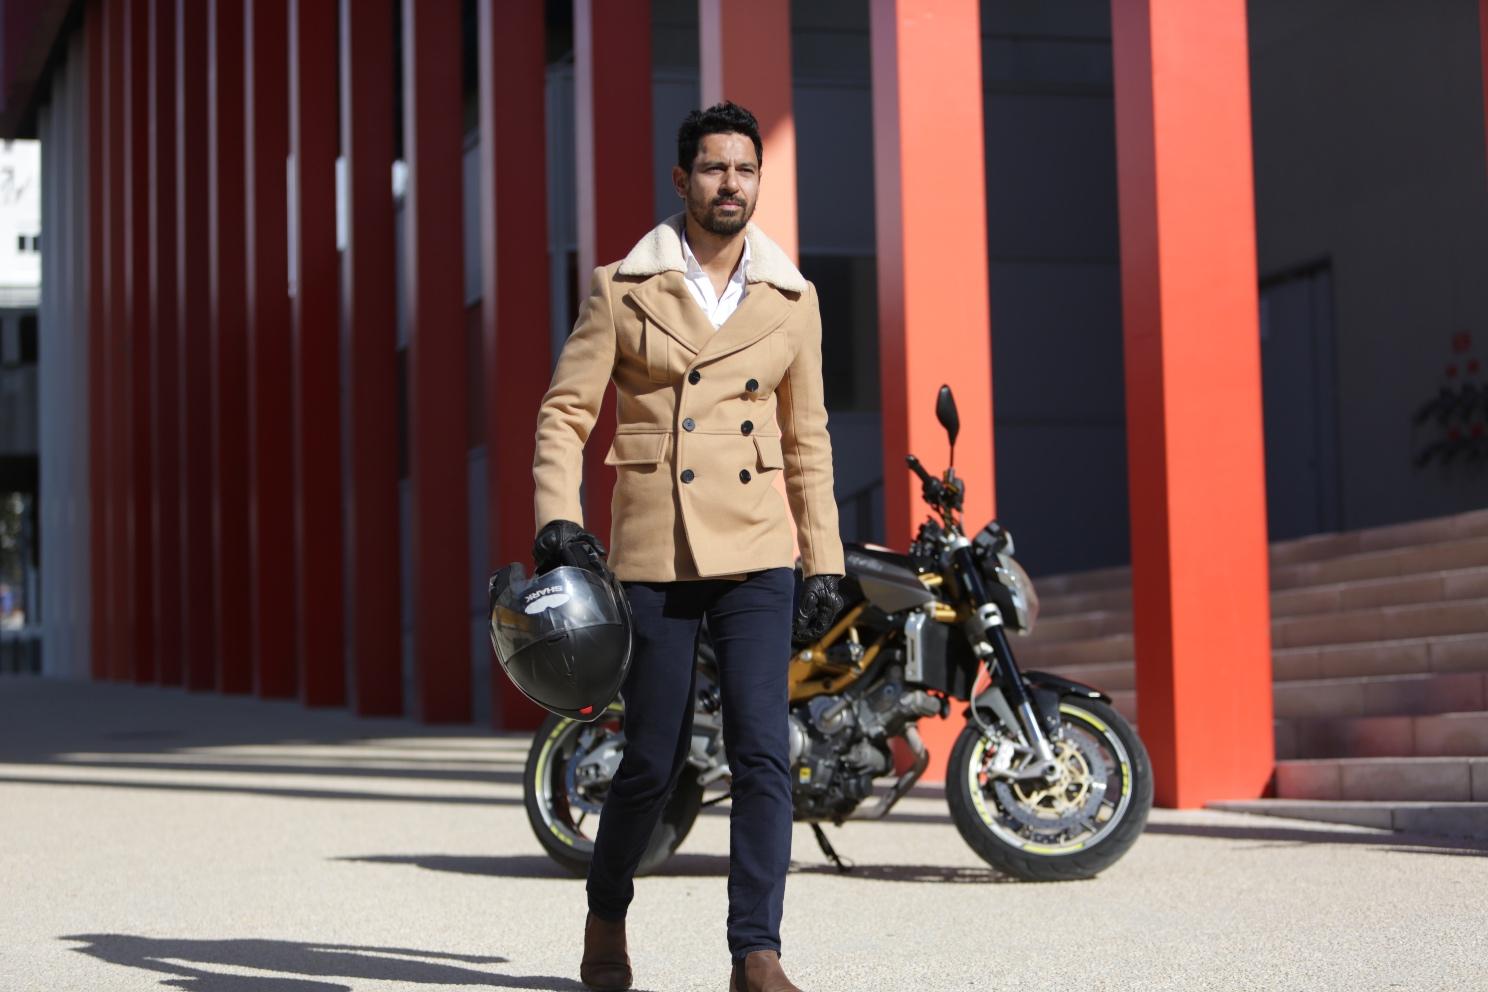 Let's ride : des vêtements de protection taillés pour la mobilité urbaine